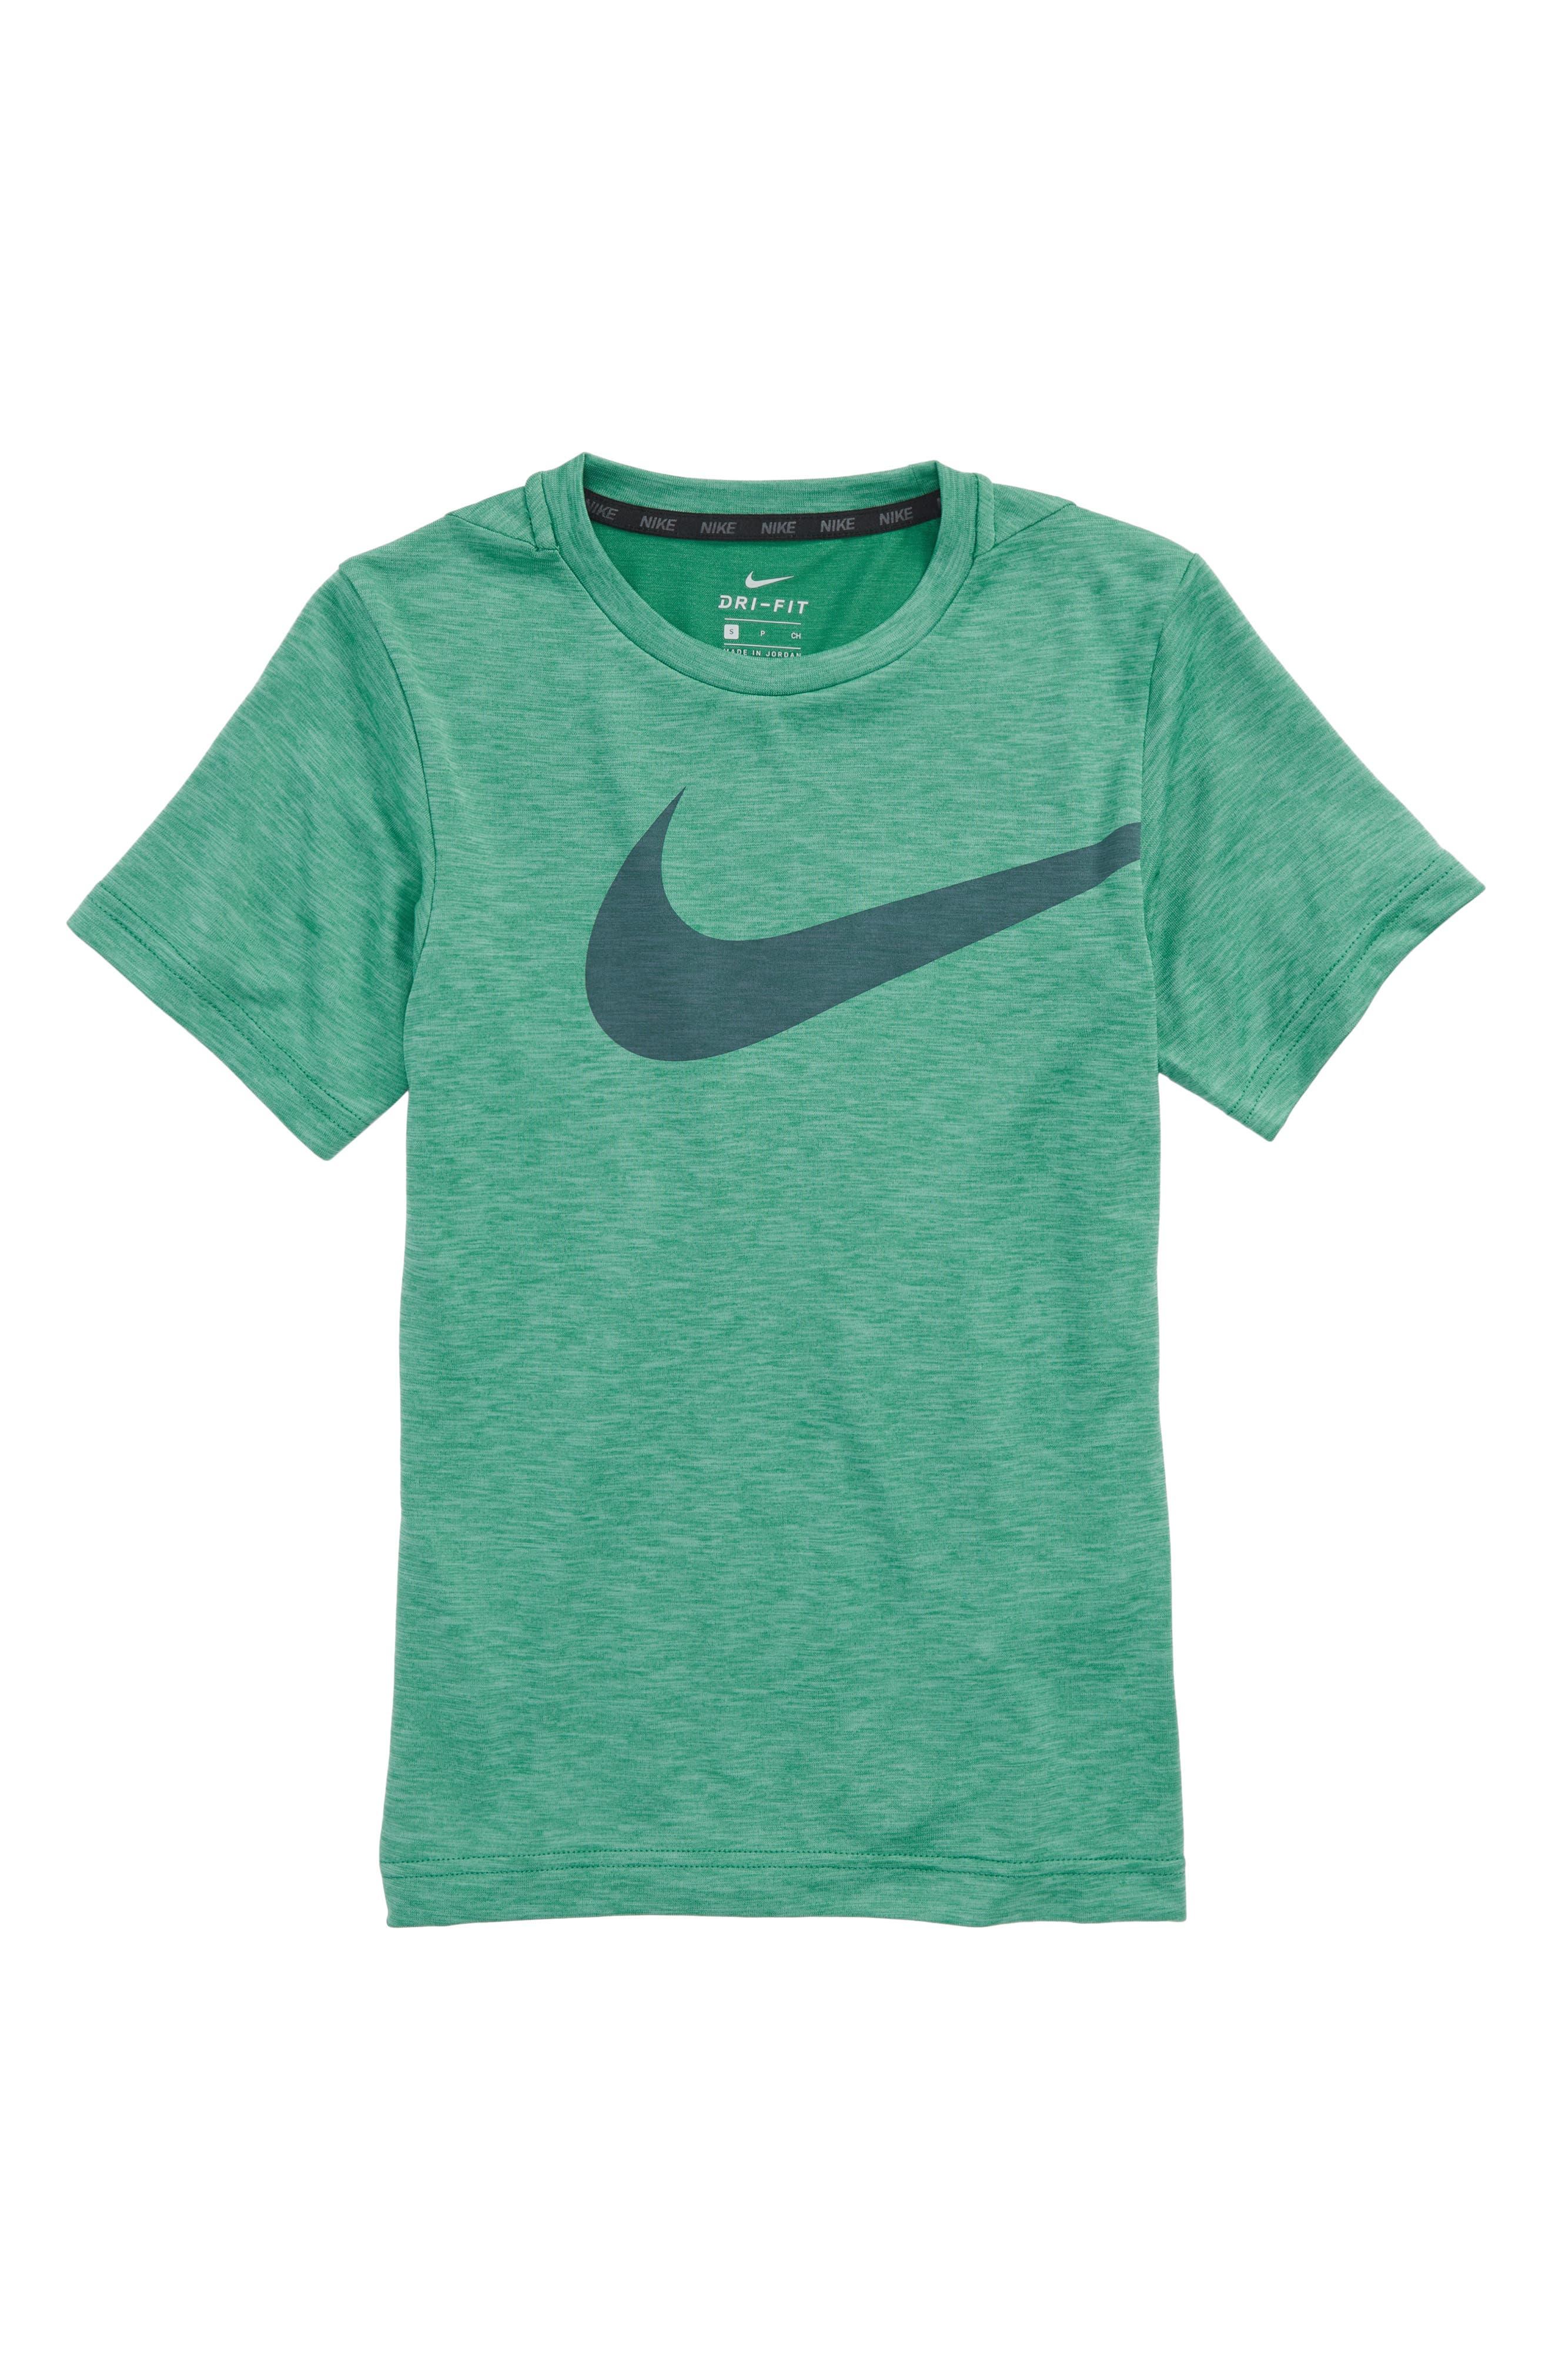 Breathe Dri-FIT T-Shirt,                             Main thumbnail 1, color,                             Kinetic Green/ Green Noise